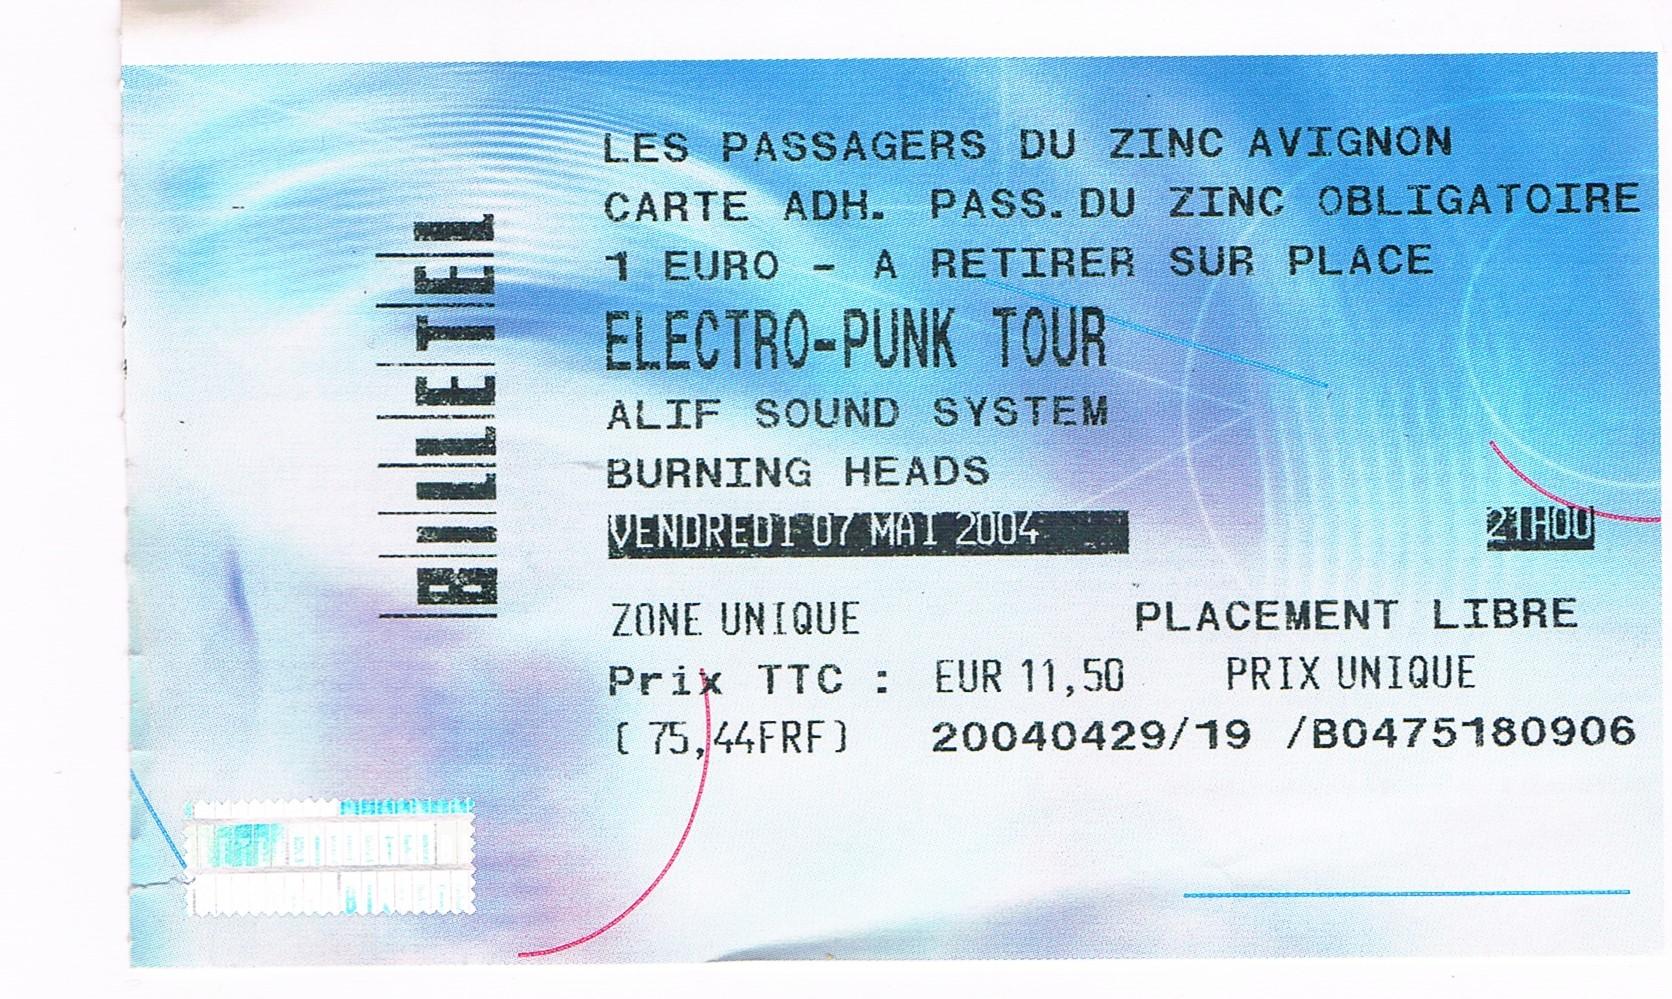 """7 mai 2004 Burning Heads, Alif Sound System à Avignon """"les Passagers du Zinc"""""""